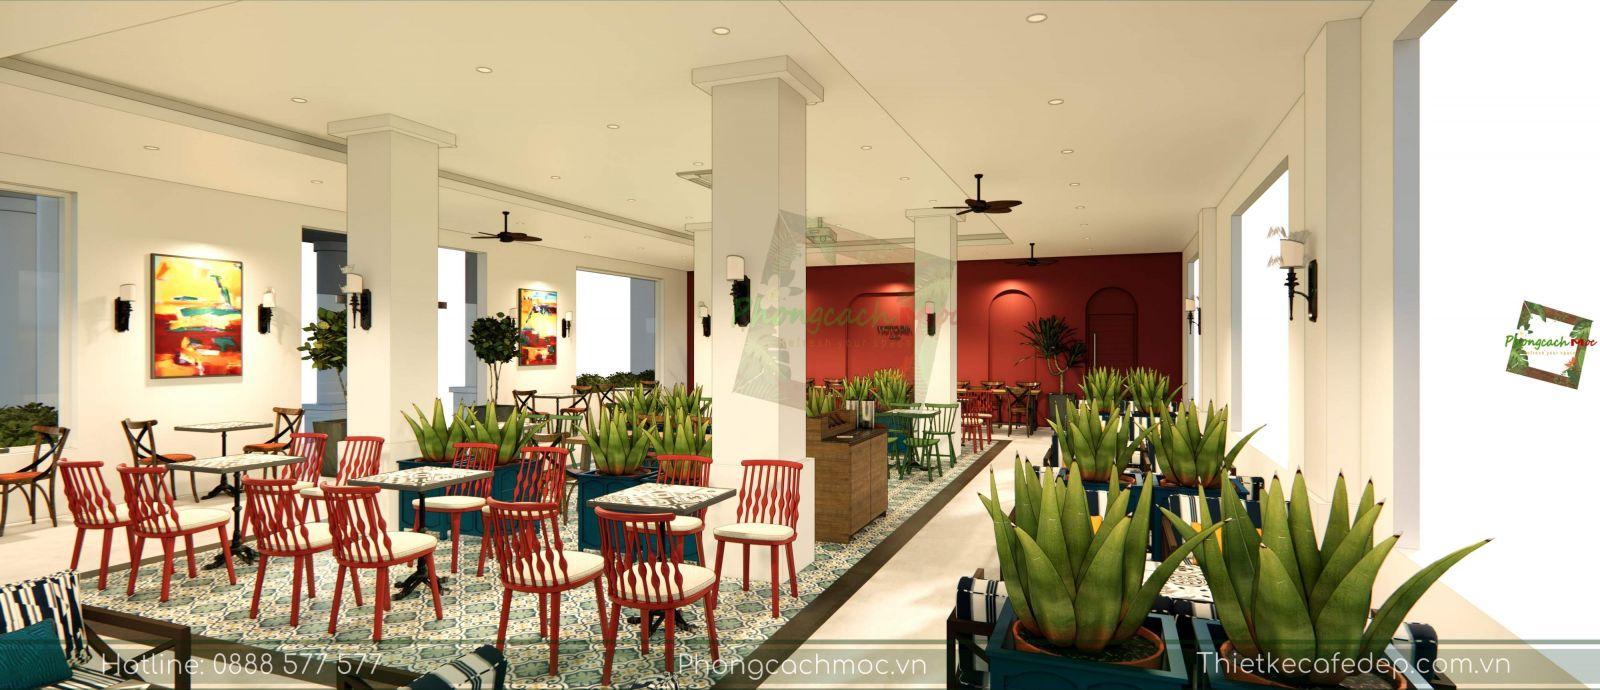 thiết kế quán cafe victoria coffee không gian phòng lạnh - 4